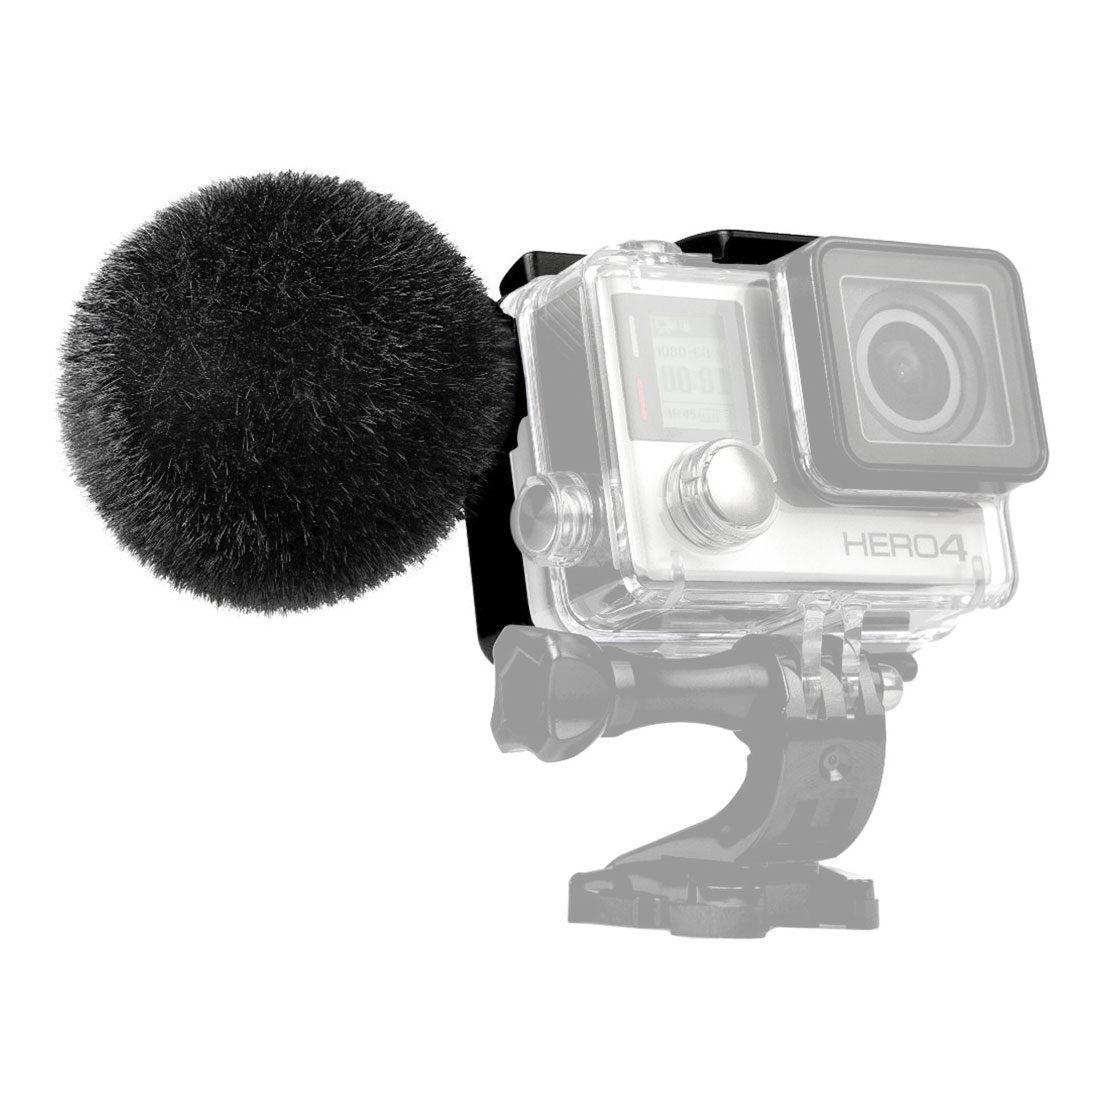 Sennheiser MKE 2 Elements waterdichte microfoon voor GoPro Hero4